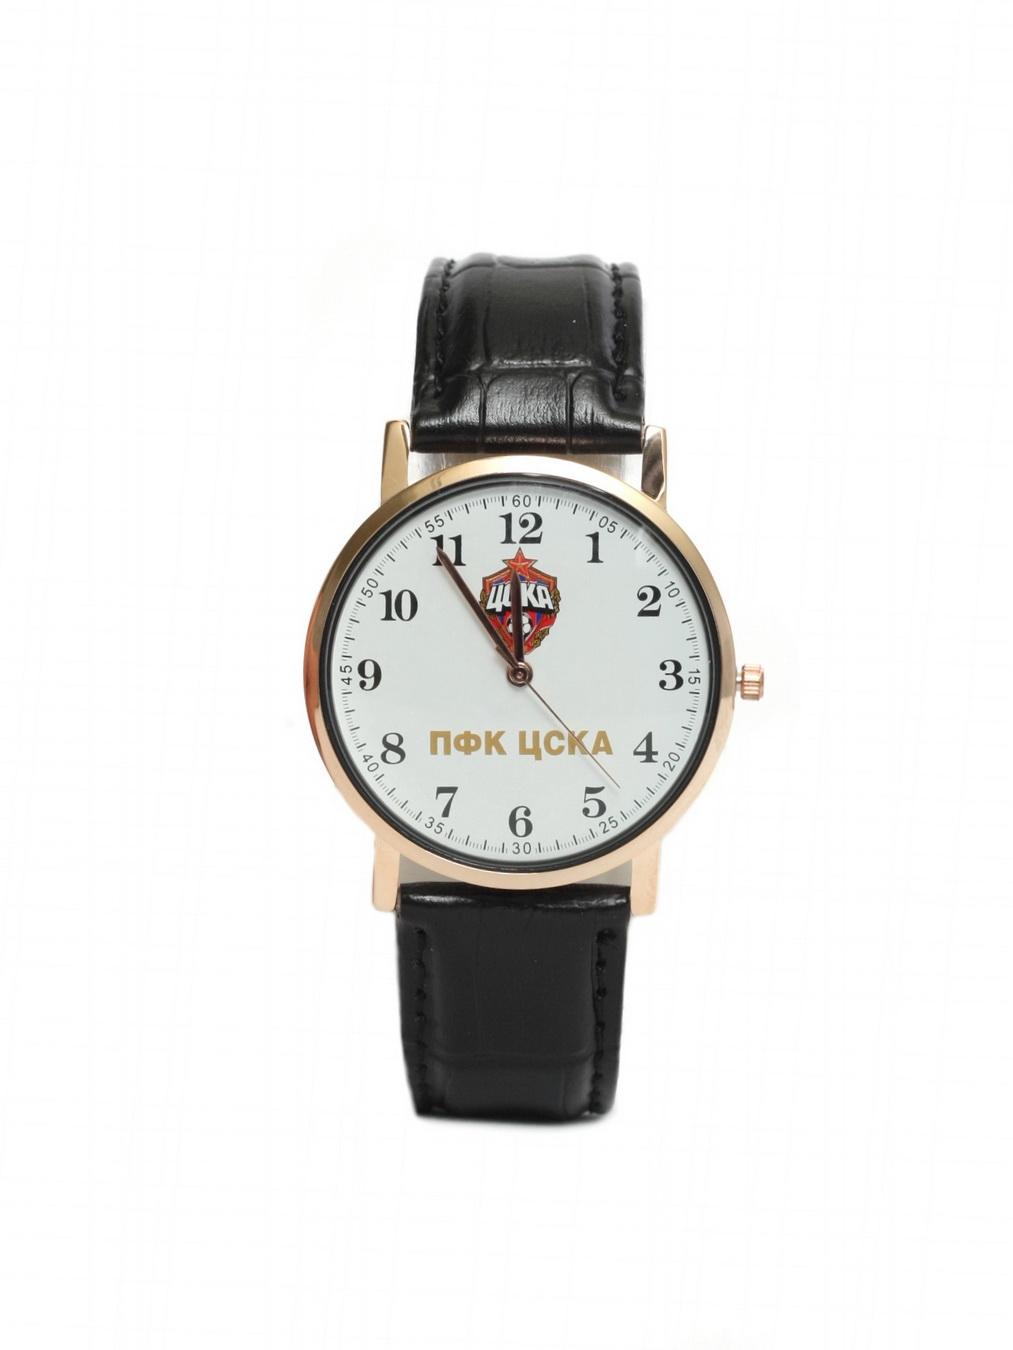 Часы наручные 38мм с маленькой эмблемой ПФК ЦСКА, цвет белый. ЧЗ